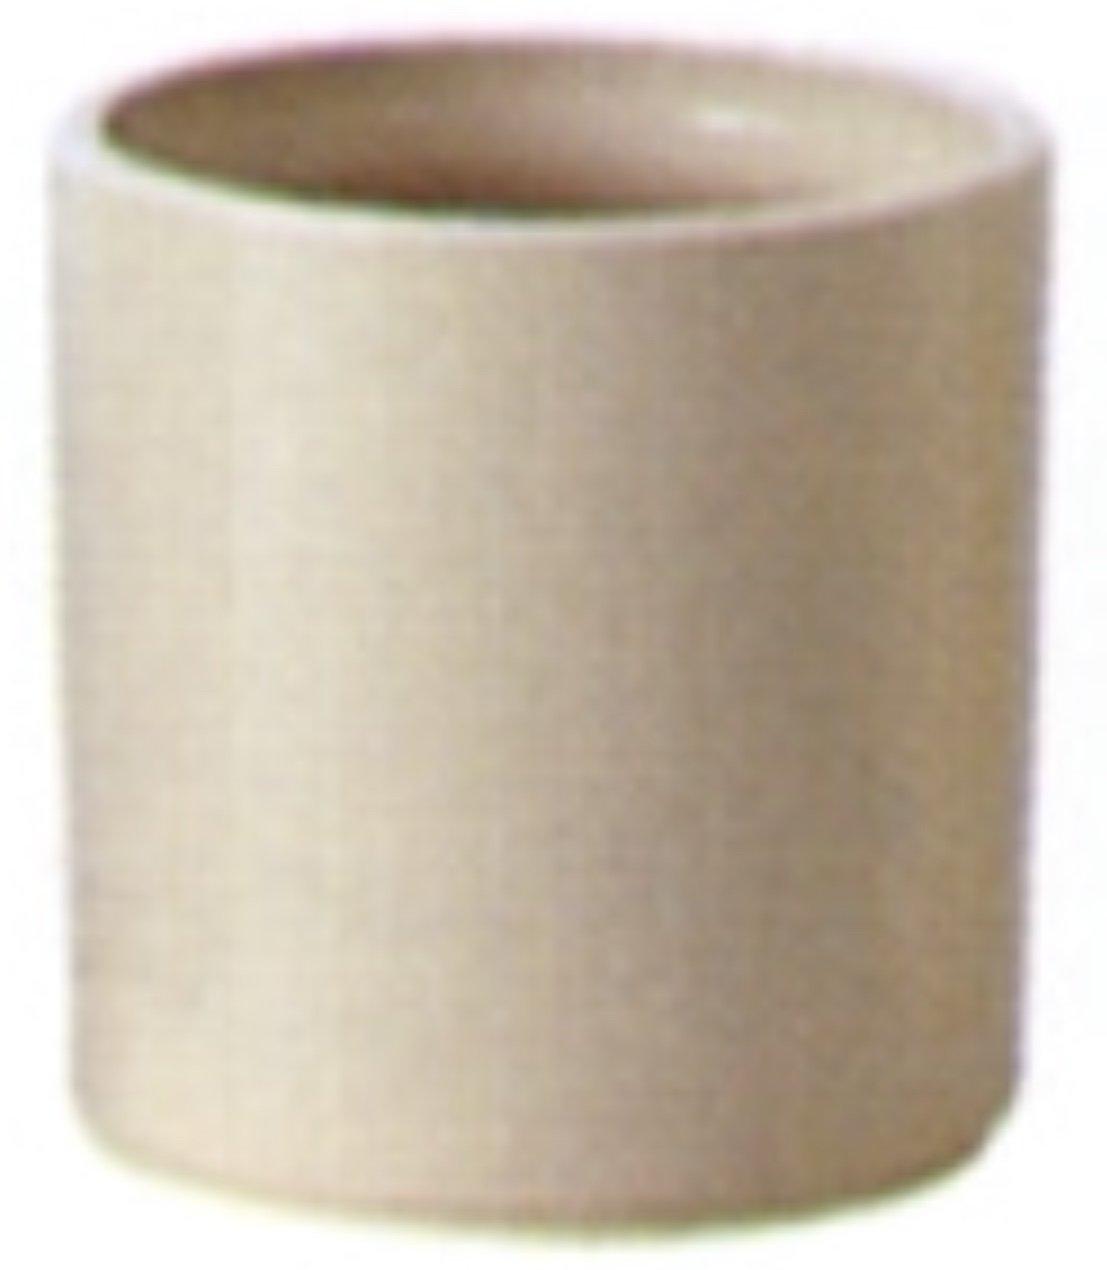 アドミナ 鉢カバー 8号用31cm ベージュ【グランプリ G-1】 陶器 信楽焼き 穴なし おしゃれ B079YSRM64 8号|ベージュ ベージュ 8号